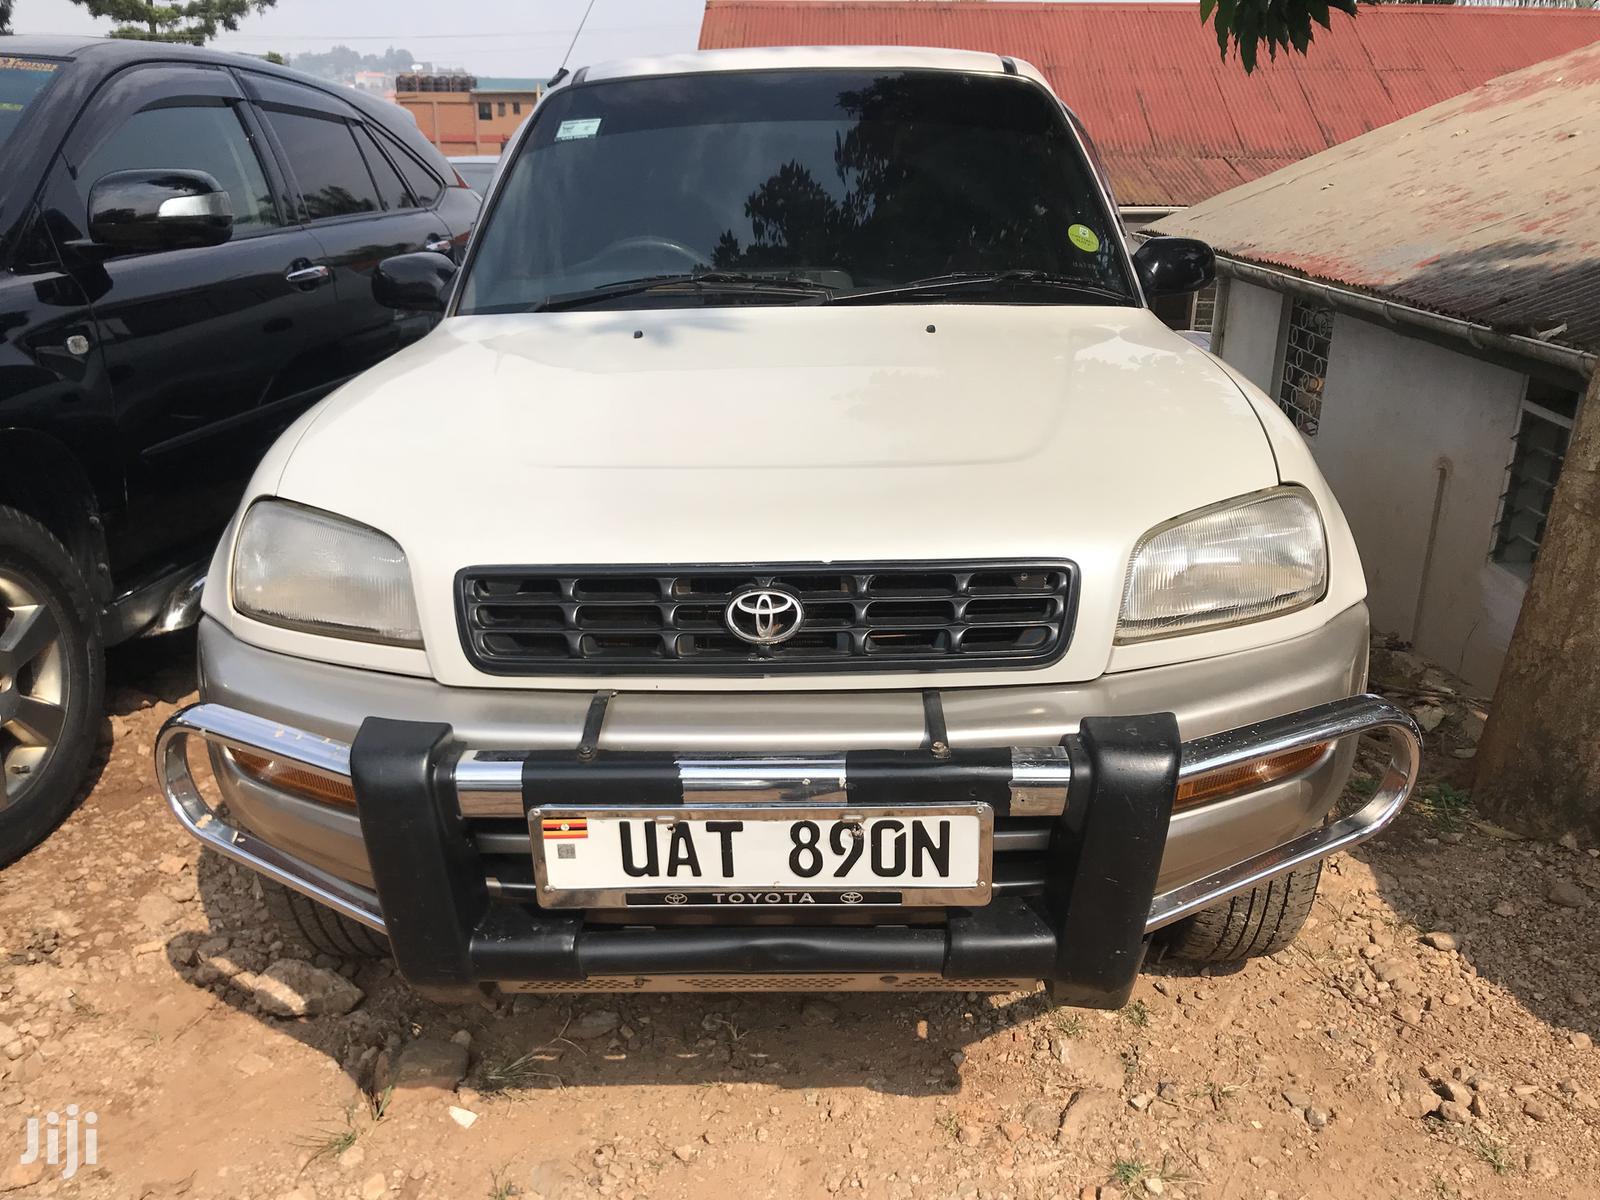 Toyota Rav4 Cabriolet 1998 Silver In Kampala Cars Nkangi Trading Jiji Ug For Sale In Kampala Buy Cars From Nkangi Trading On Jiji Ug